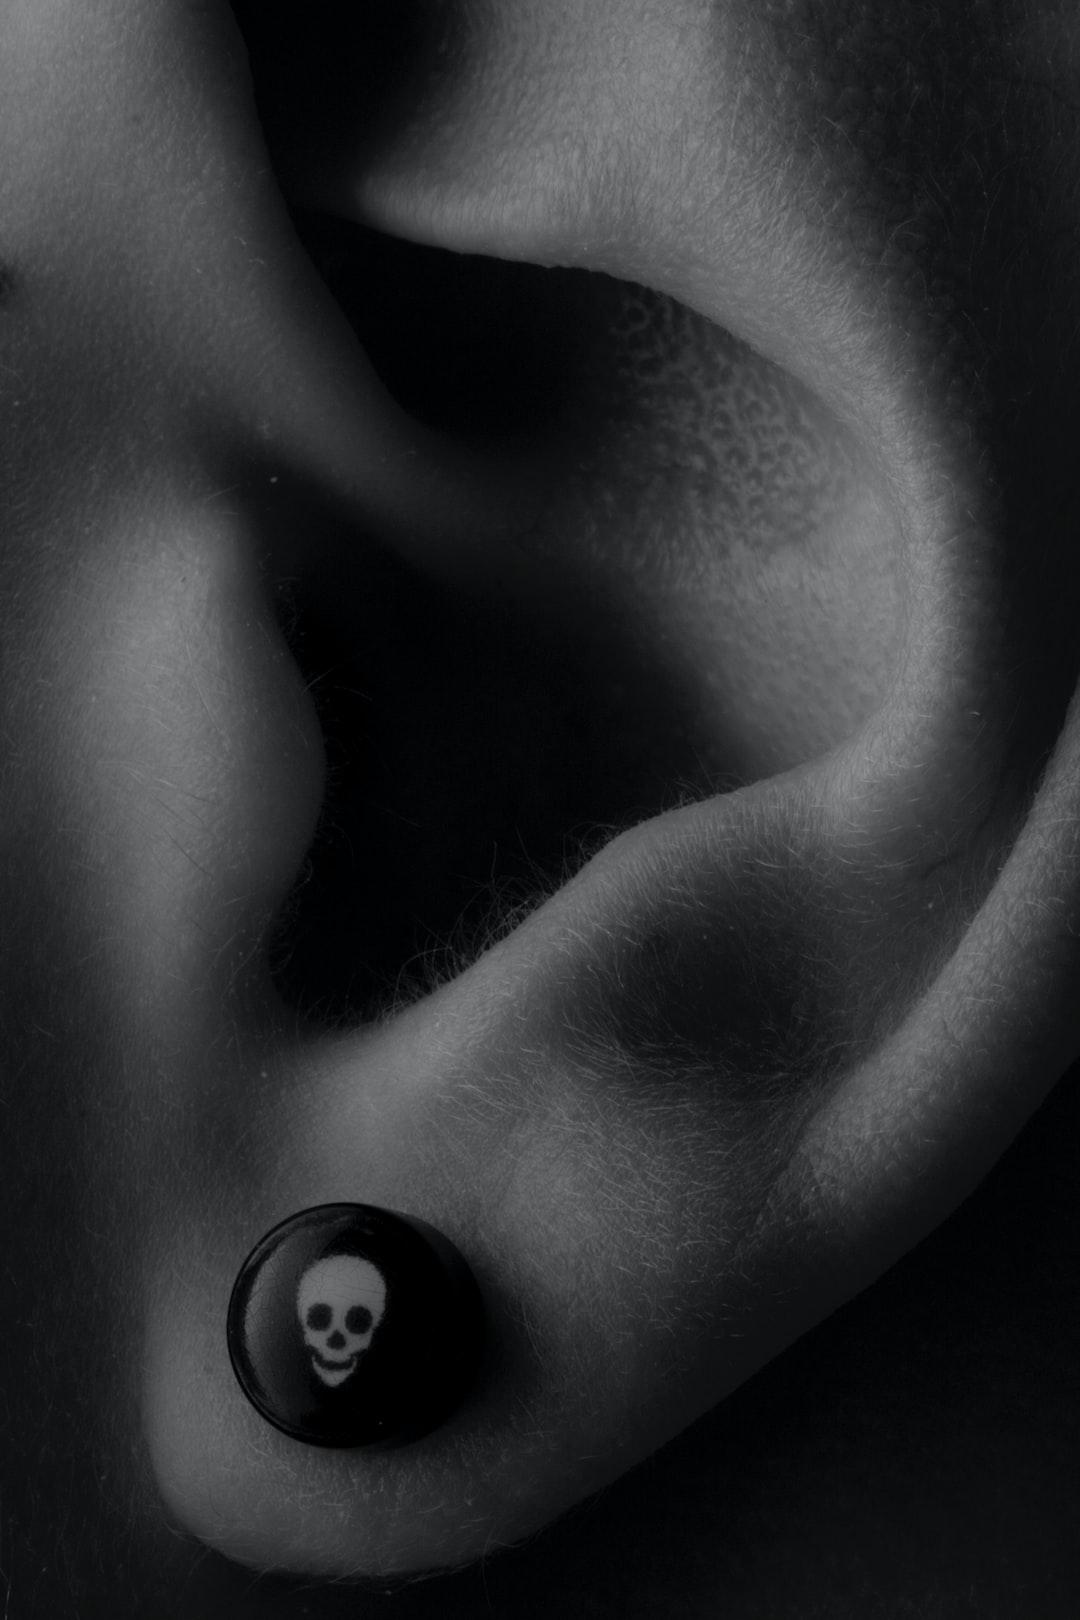 Detail shot of ear with skull earring